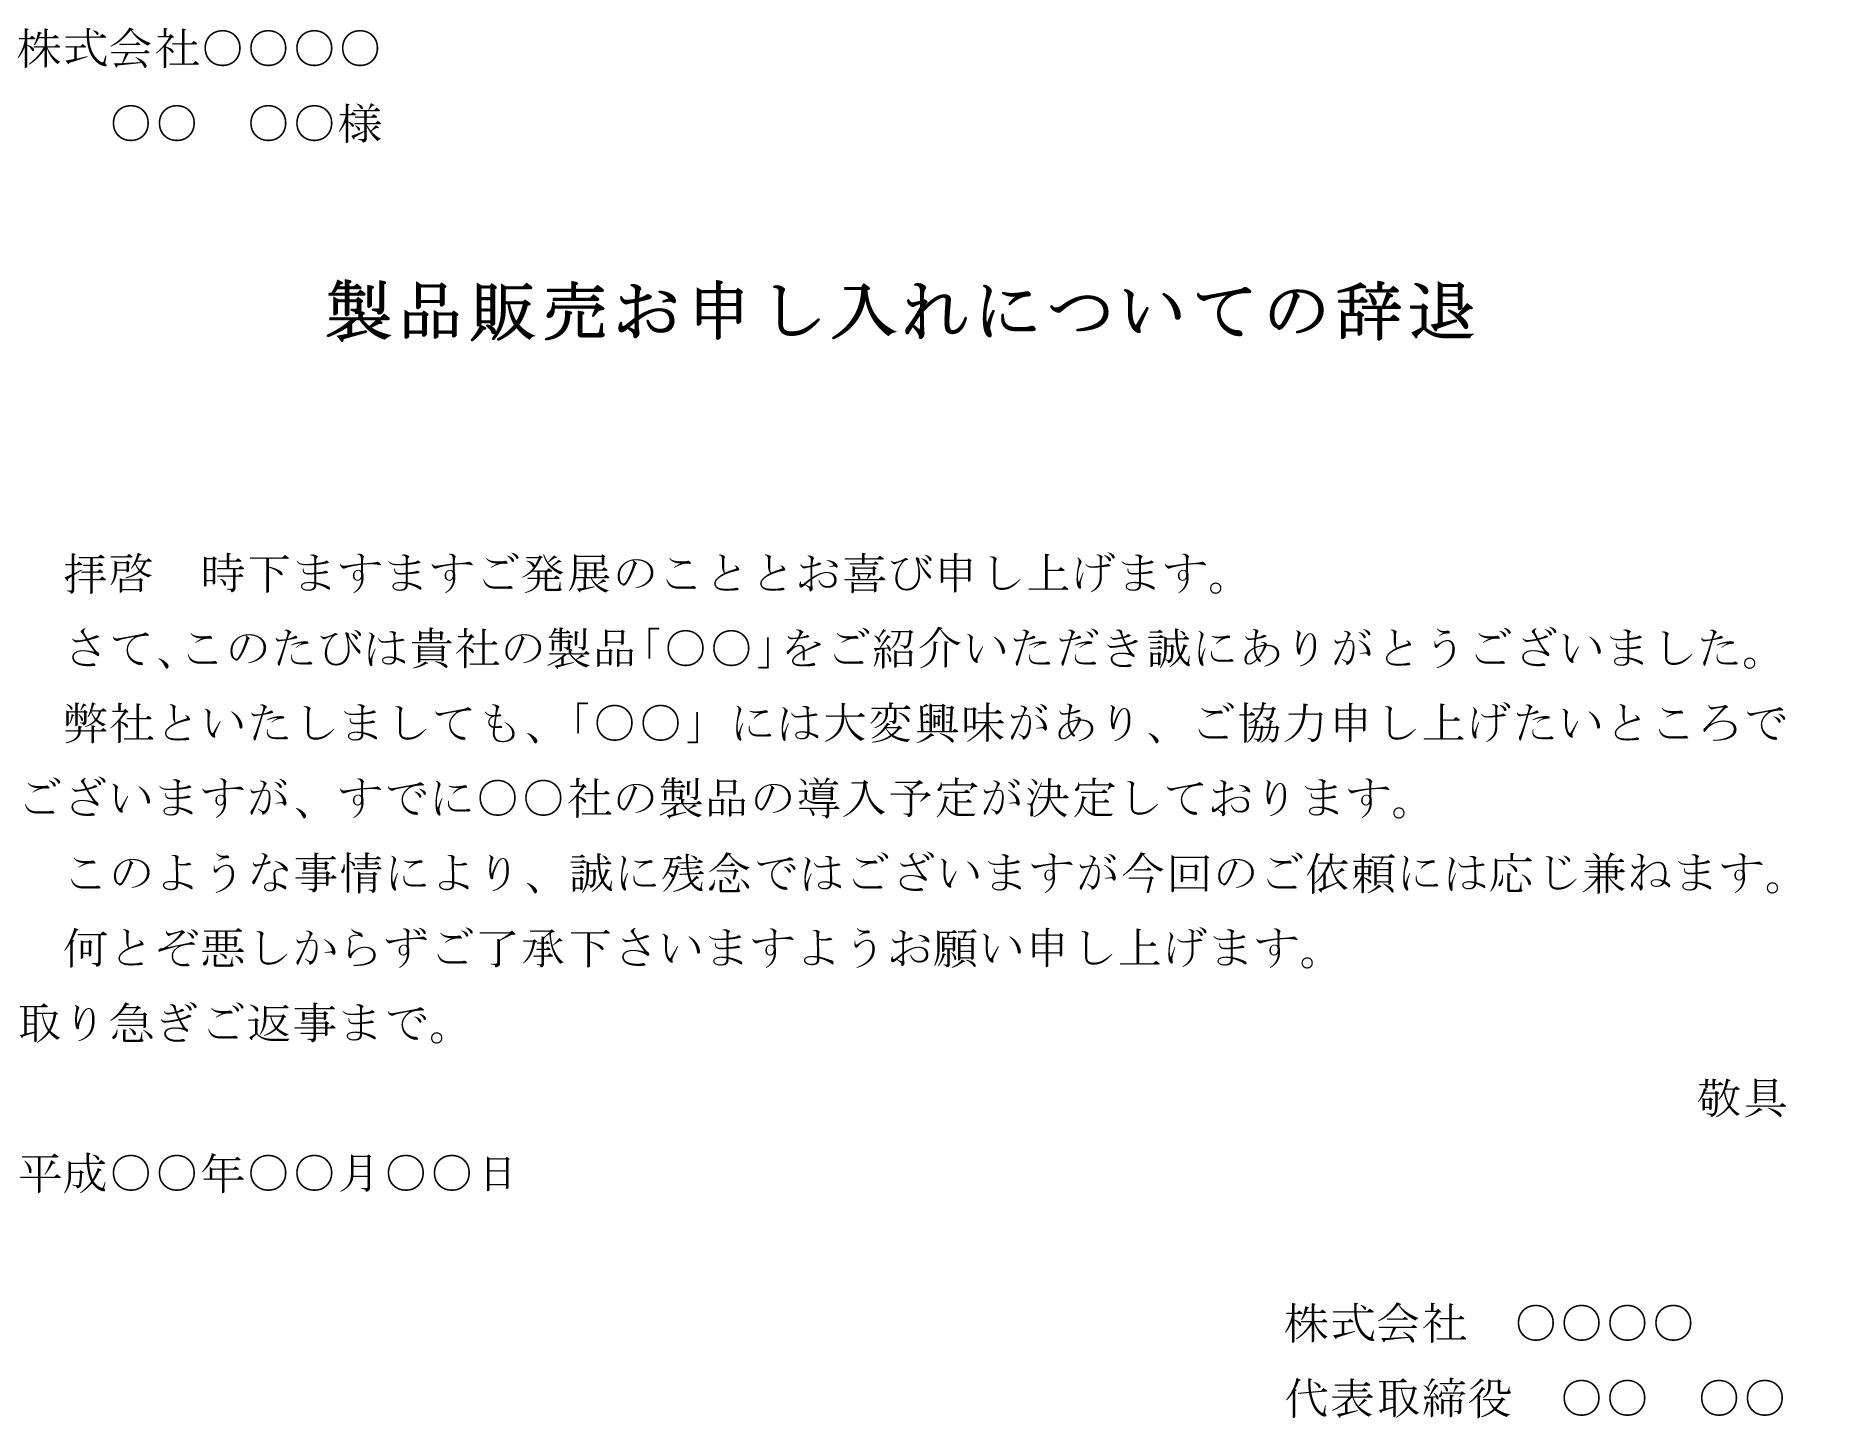 回答書(製品販売お申し入れについての辞退)